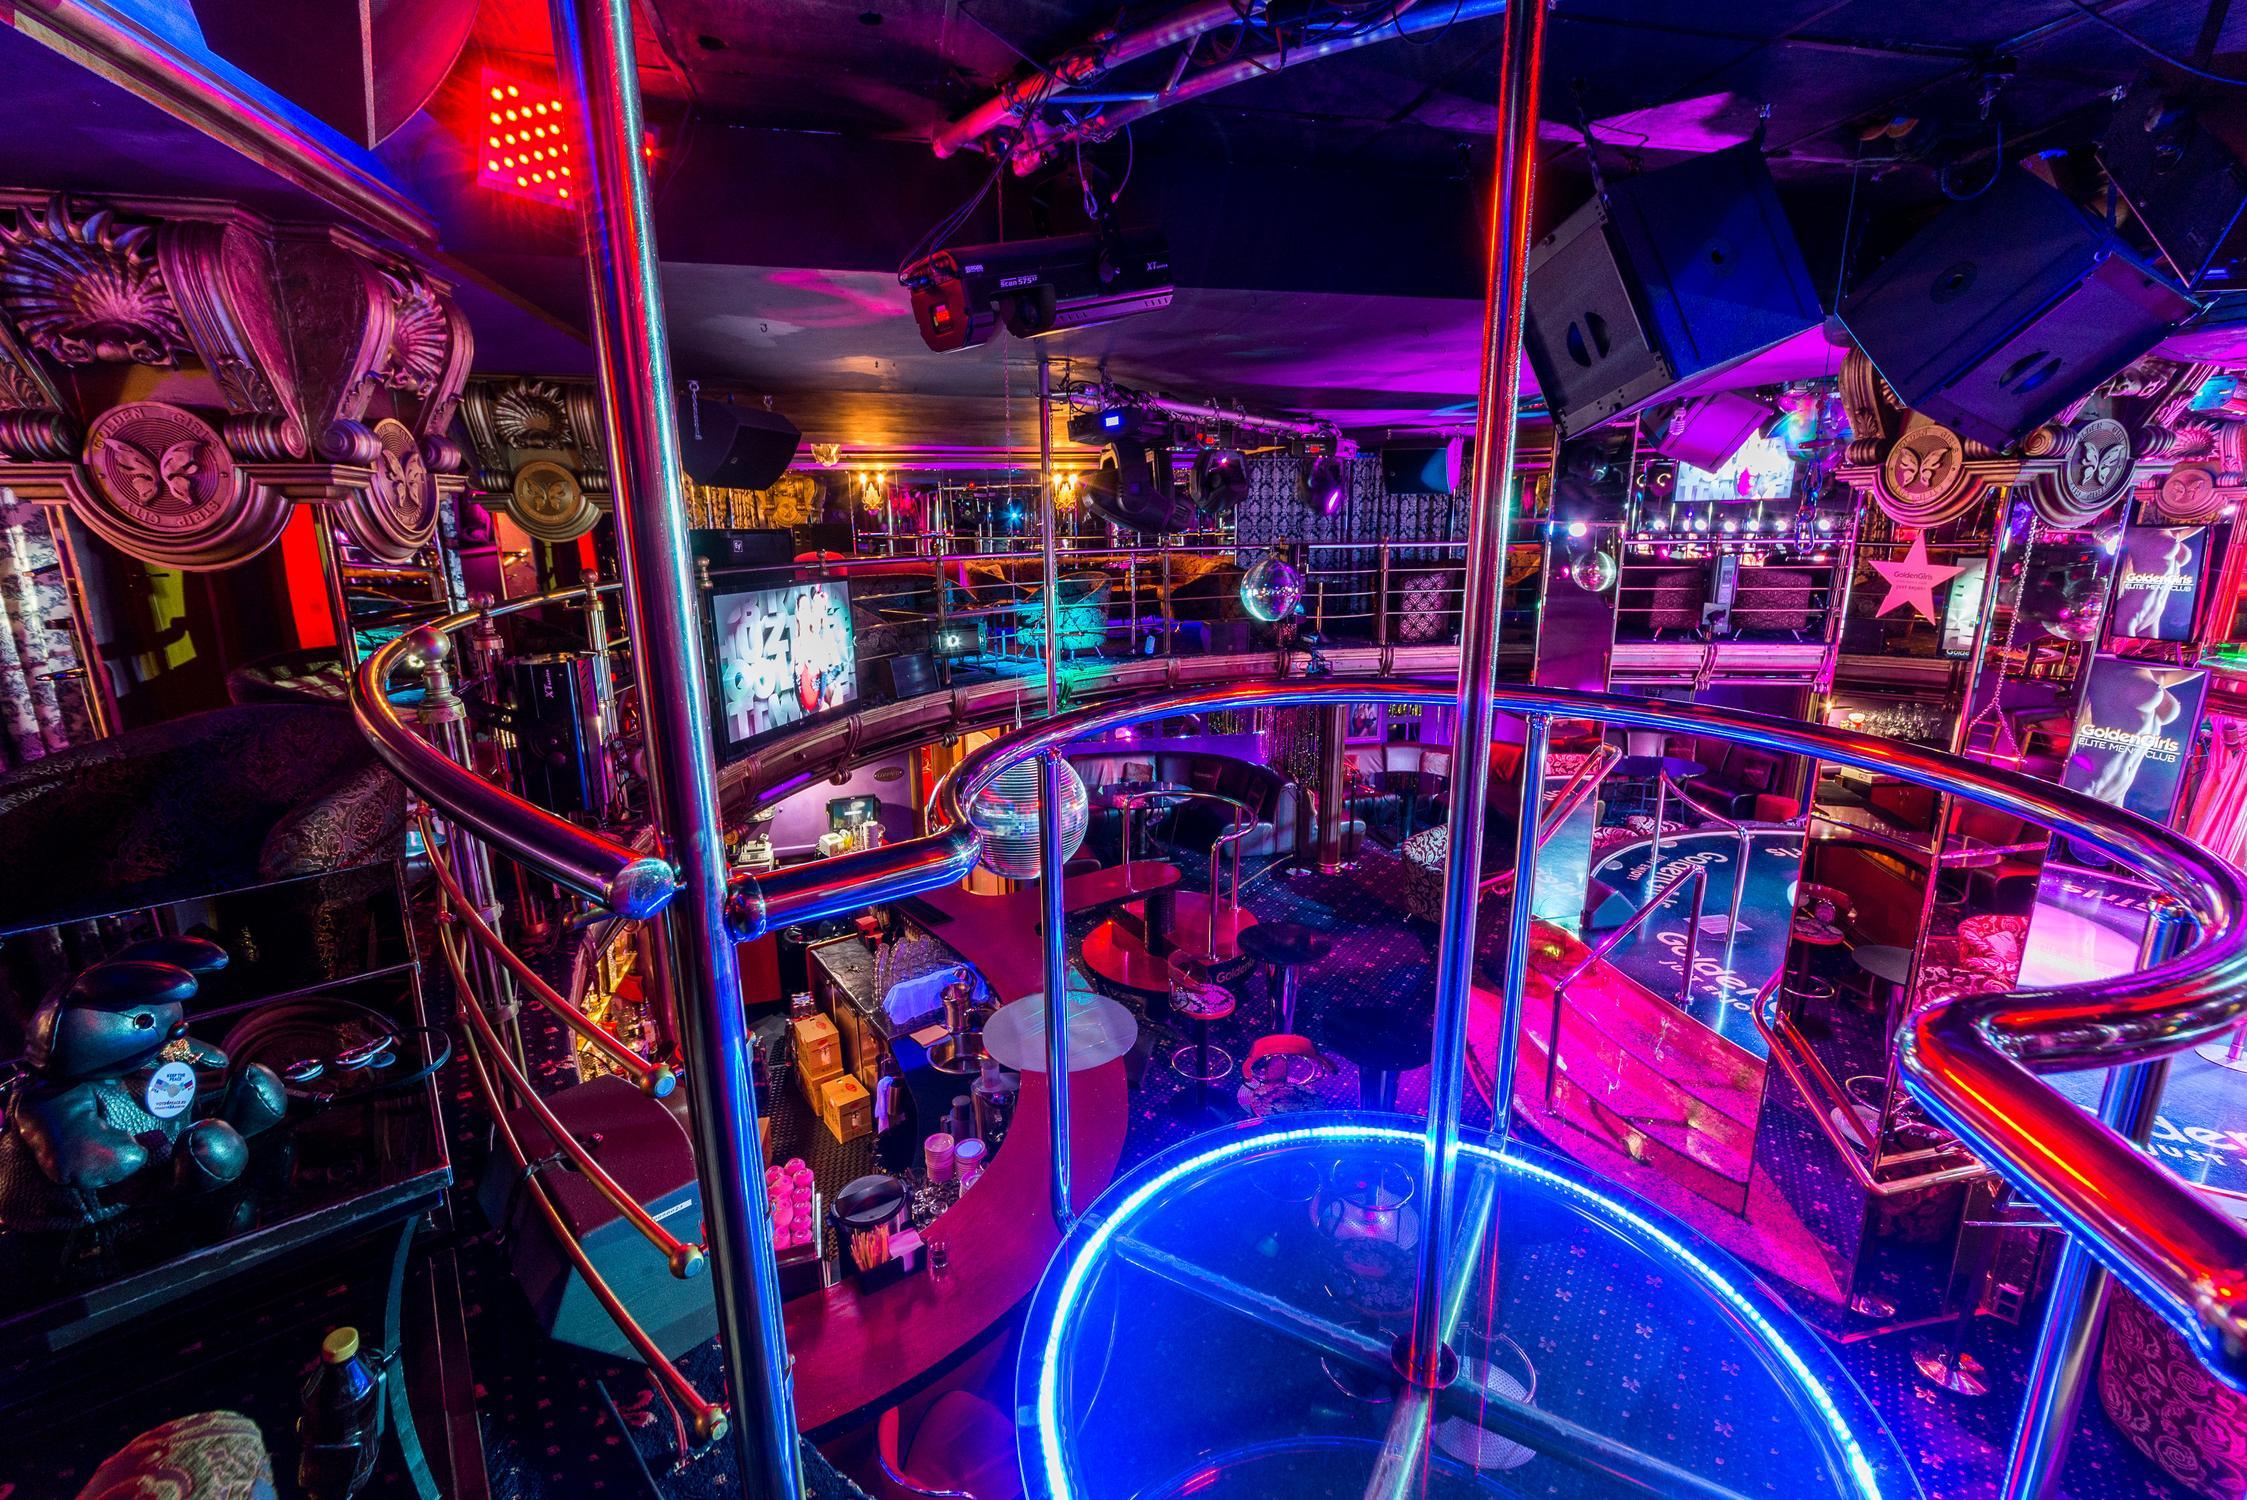 Клуб golden girls москва отзывы фото с ночных клубов ибицы